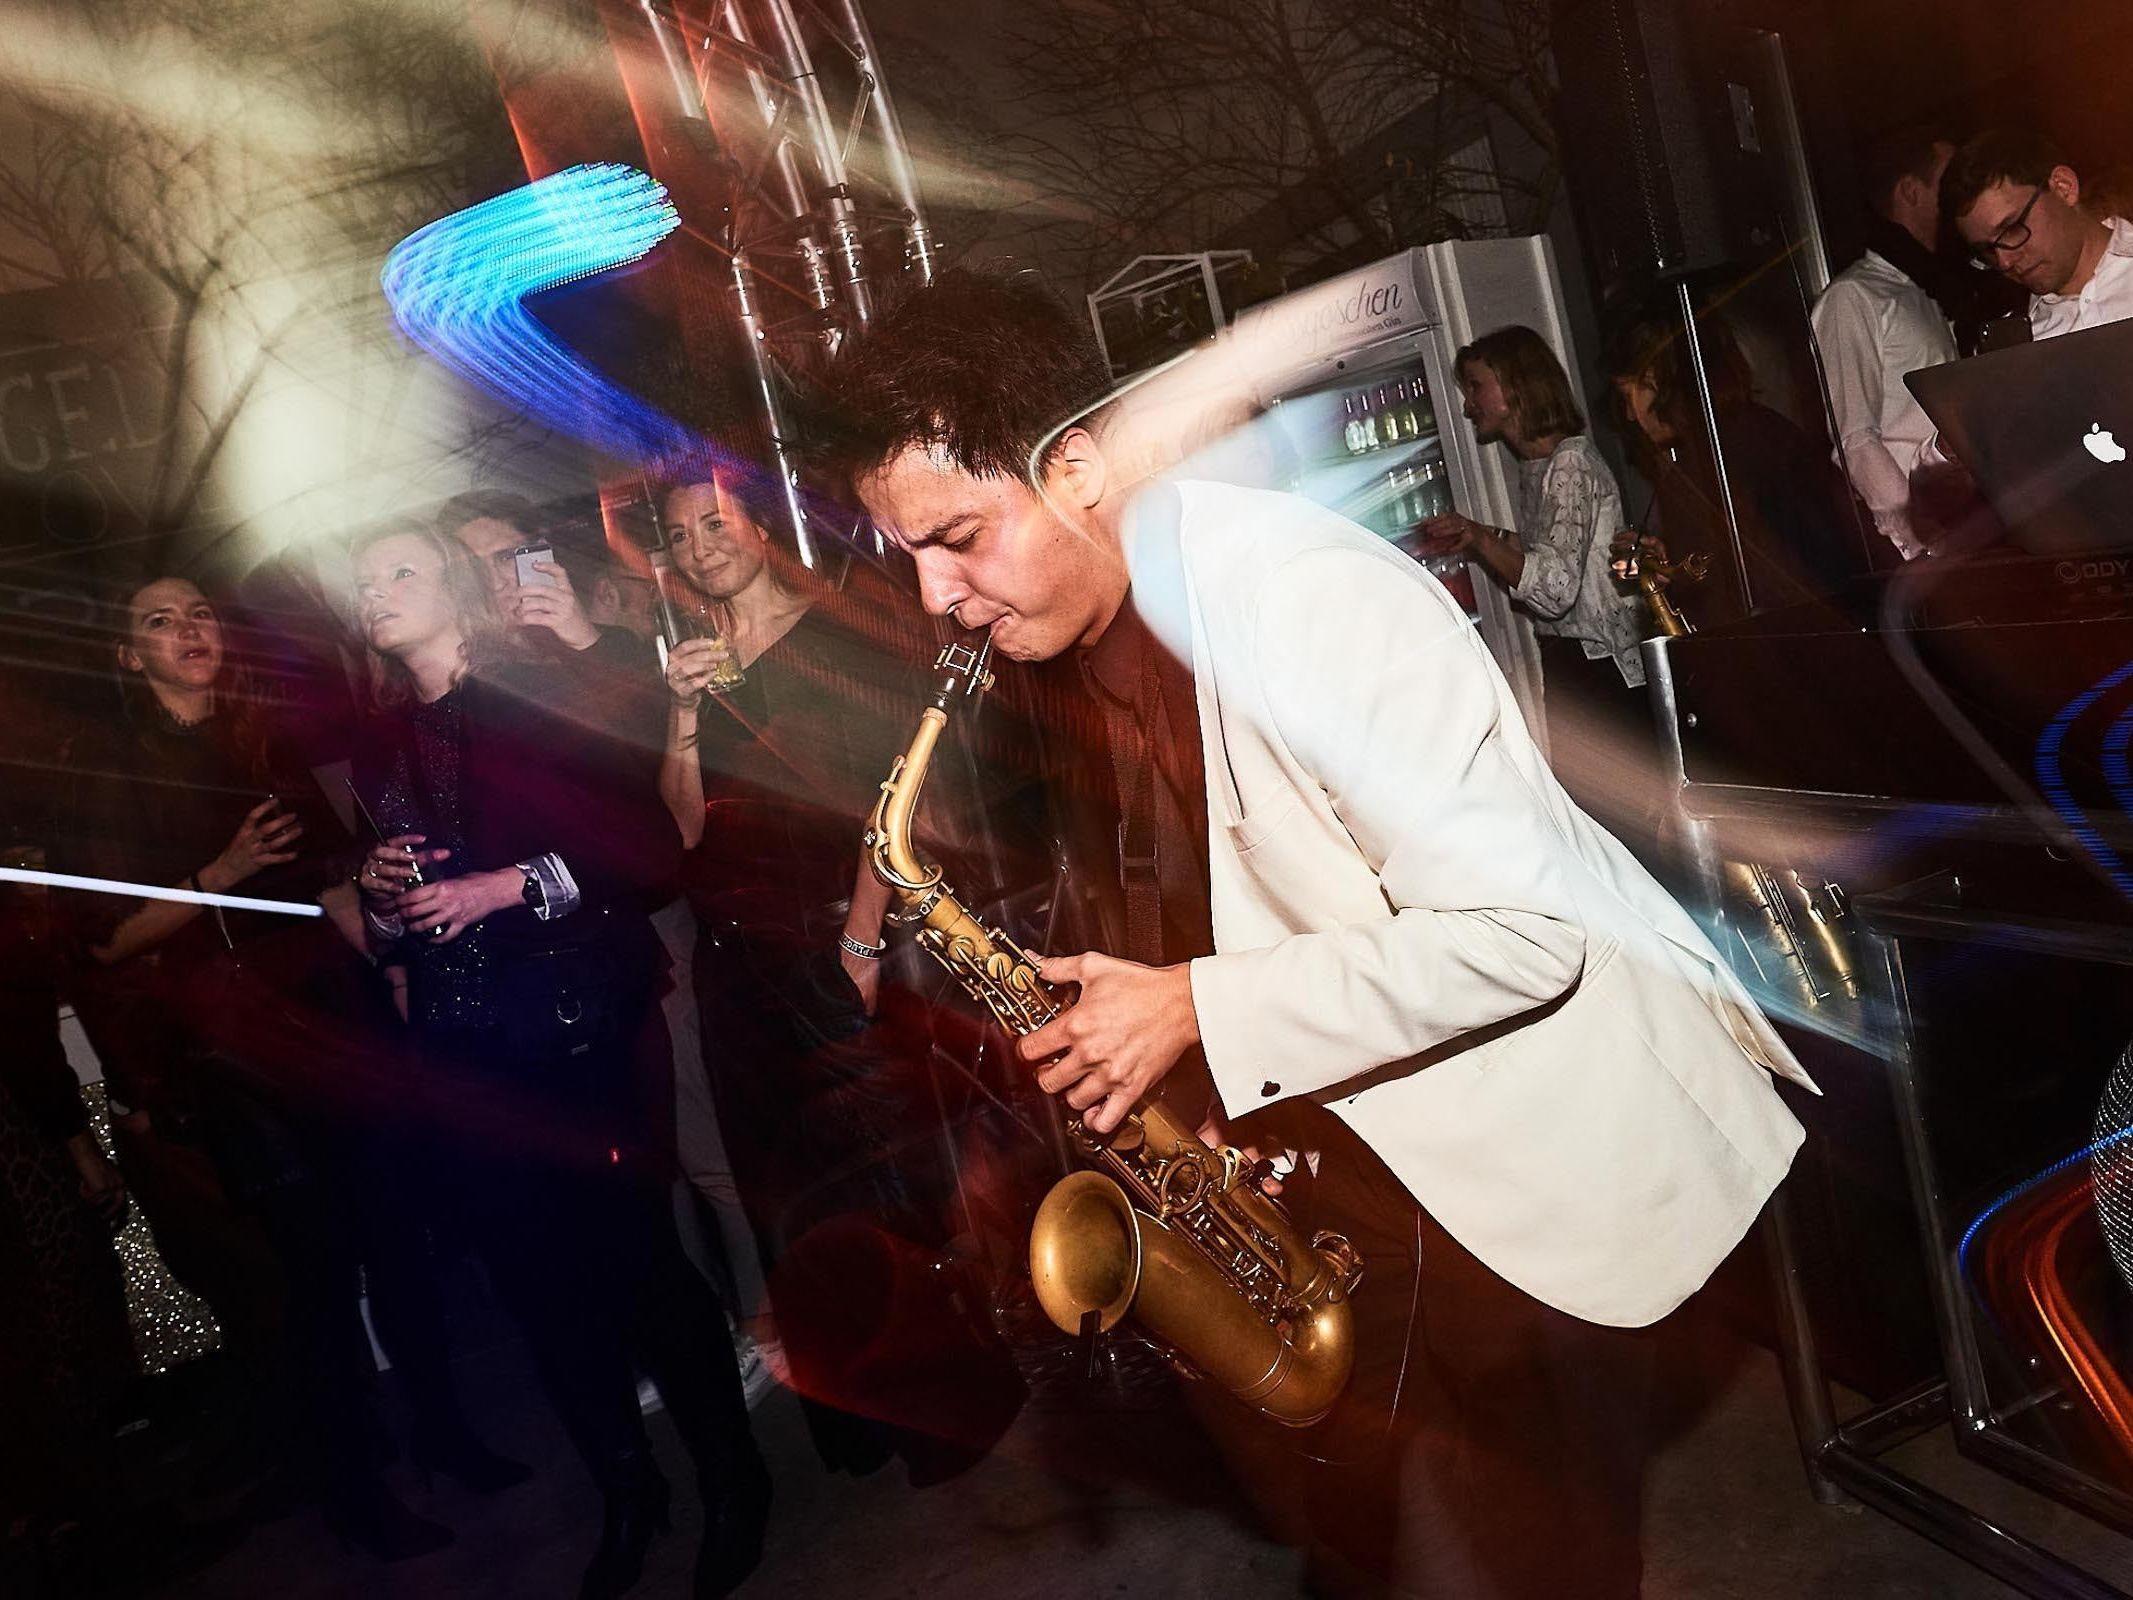 Saxophonist | Saxophon | Hochzeit | Hannover | Sektempfang | Trauung | Party | Buchen | Livemusik | Jazz | House | Swing | Pop | Hochzeit | Empfang | Messe | Firmenfeier | Mieten | Anfragen | Lehmann | Eventservice